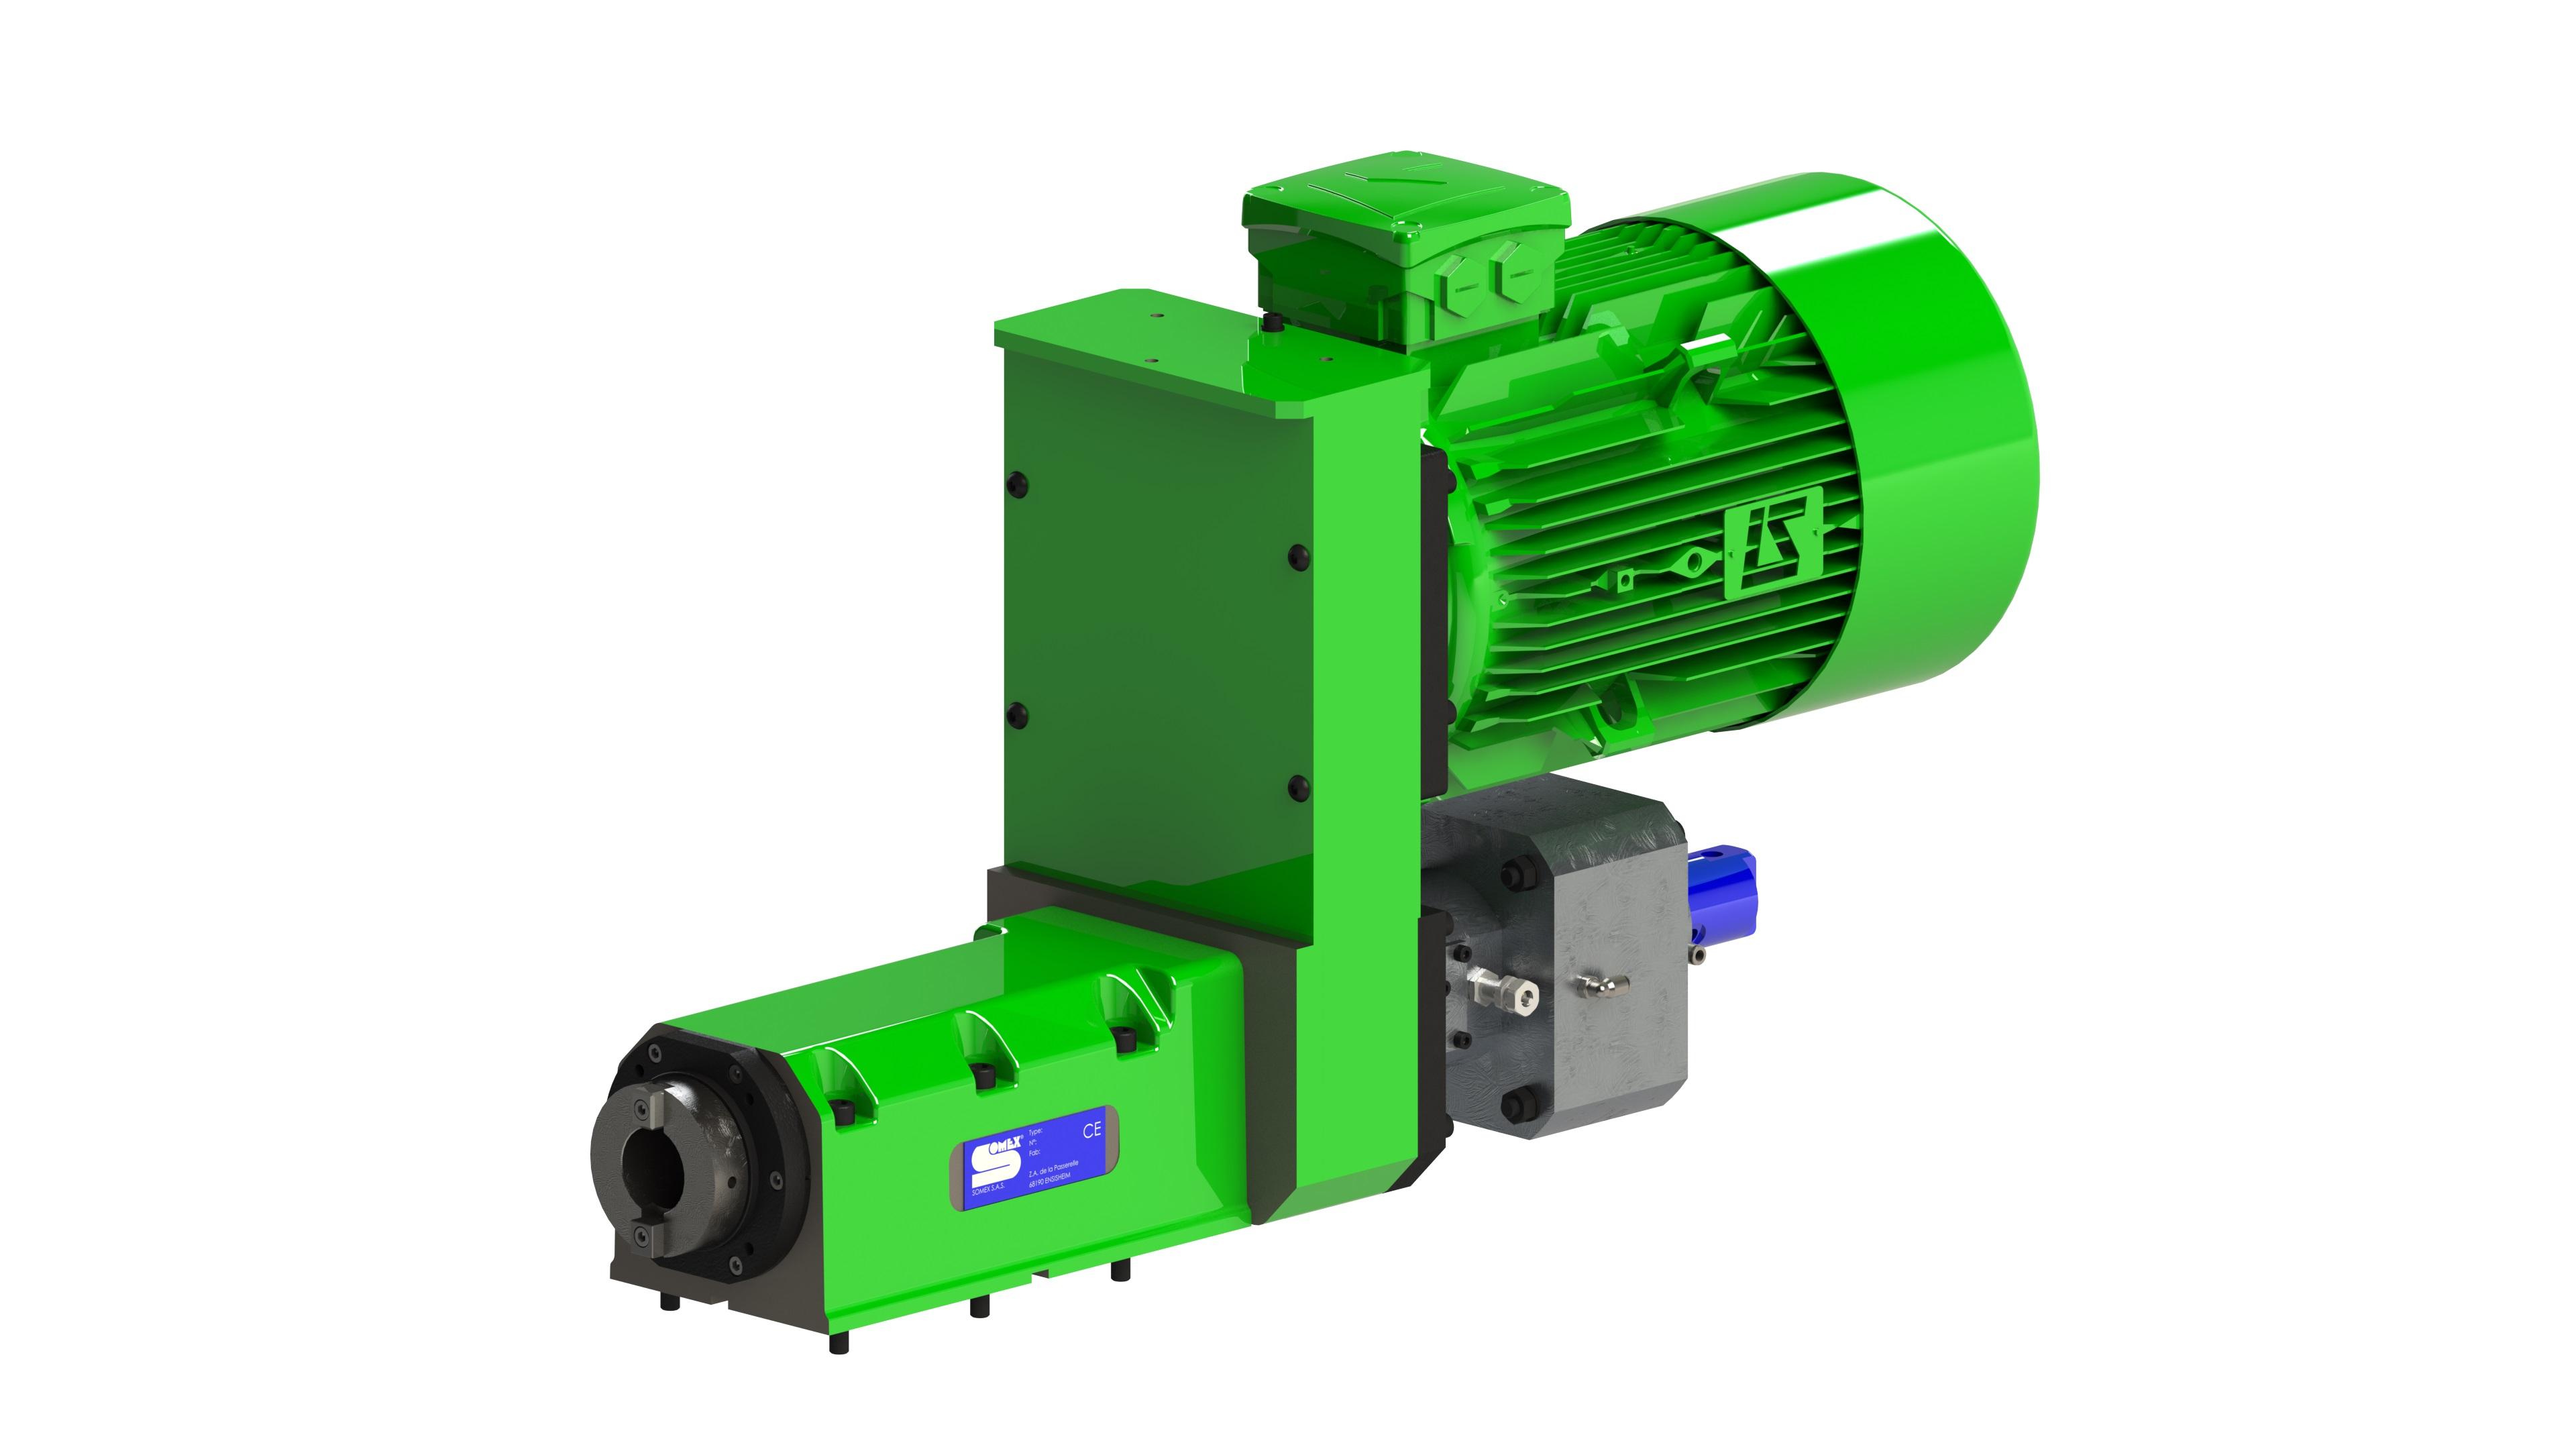 MAX40R CO - Broche d'usinage avec changeur d'outils automatique